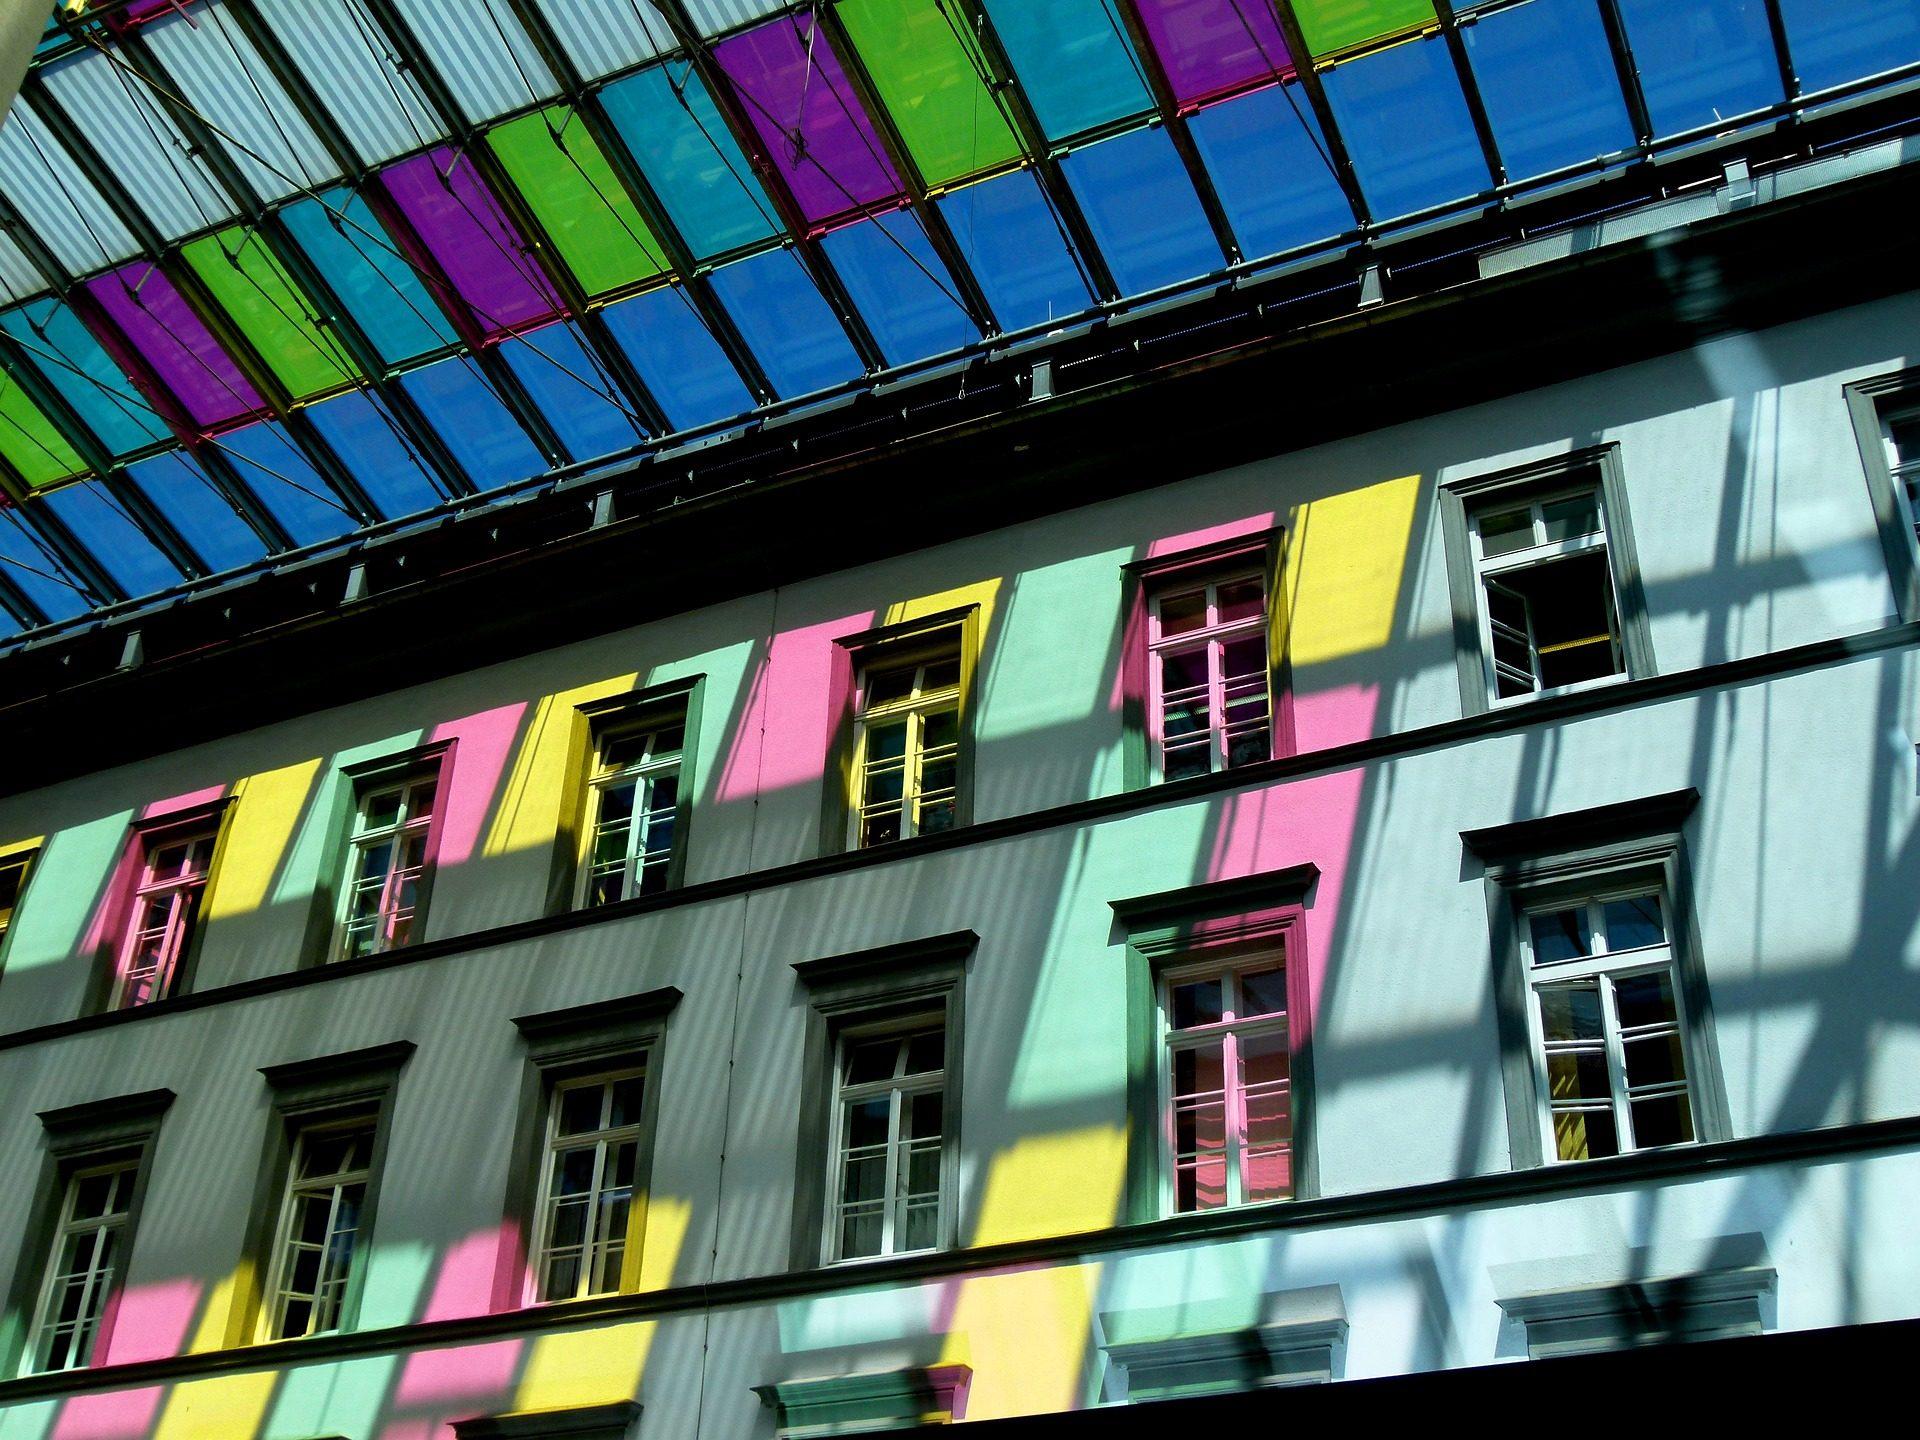 Windows, edifício, luzes, colorido, Mosaico, fachada - Papéis de parede HD - Professor-falken.com